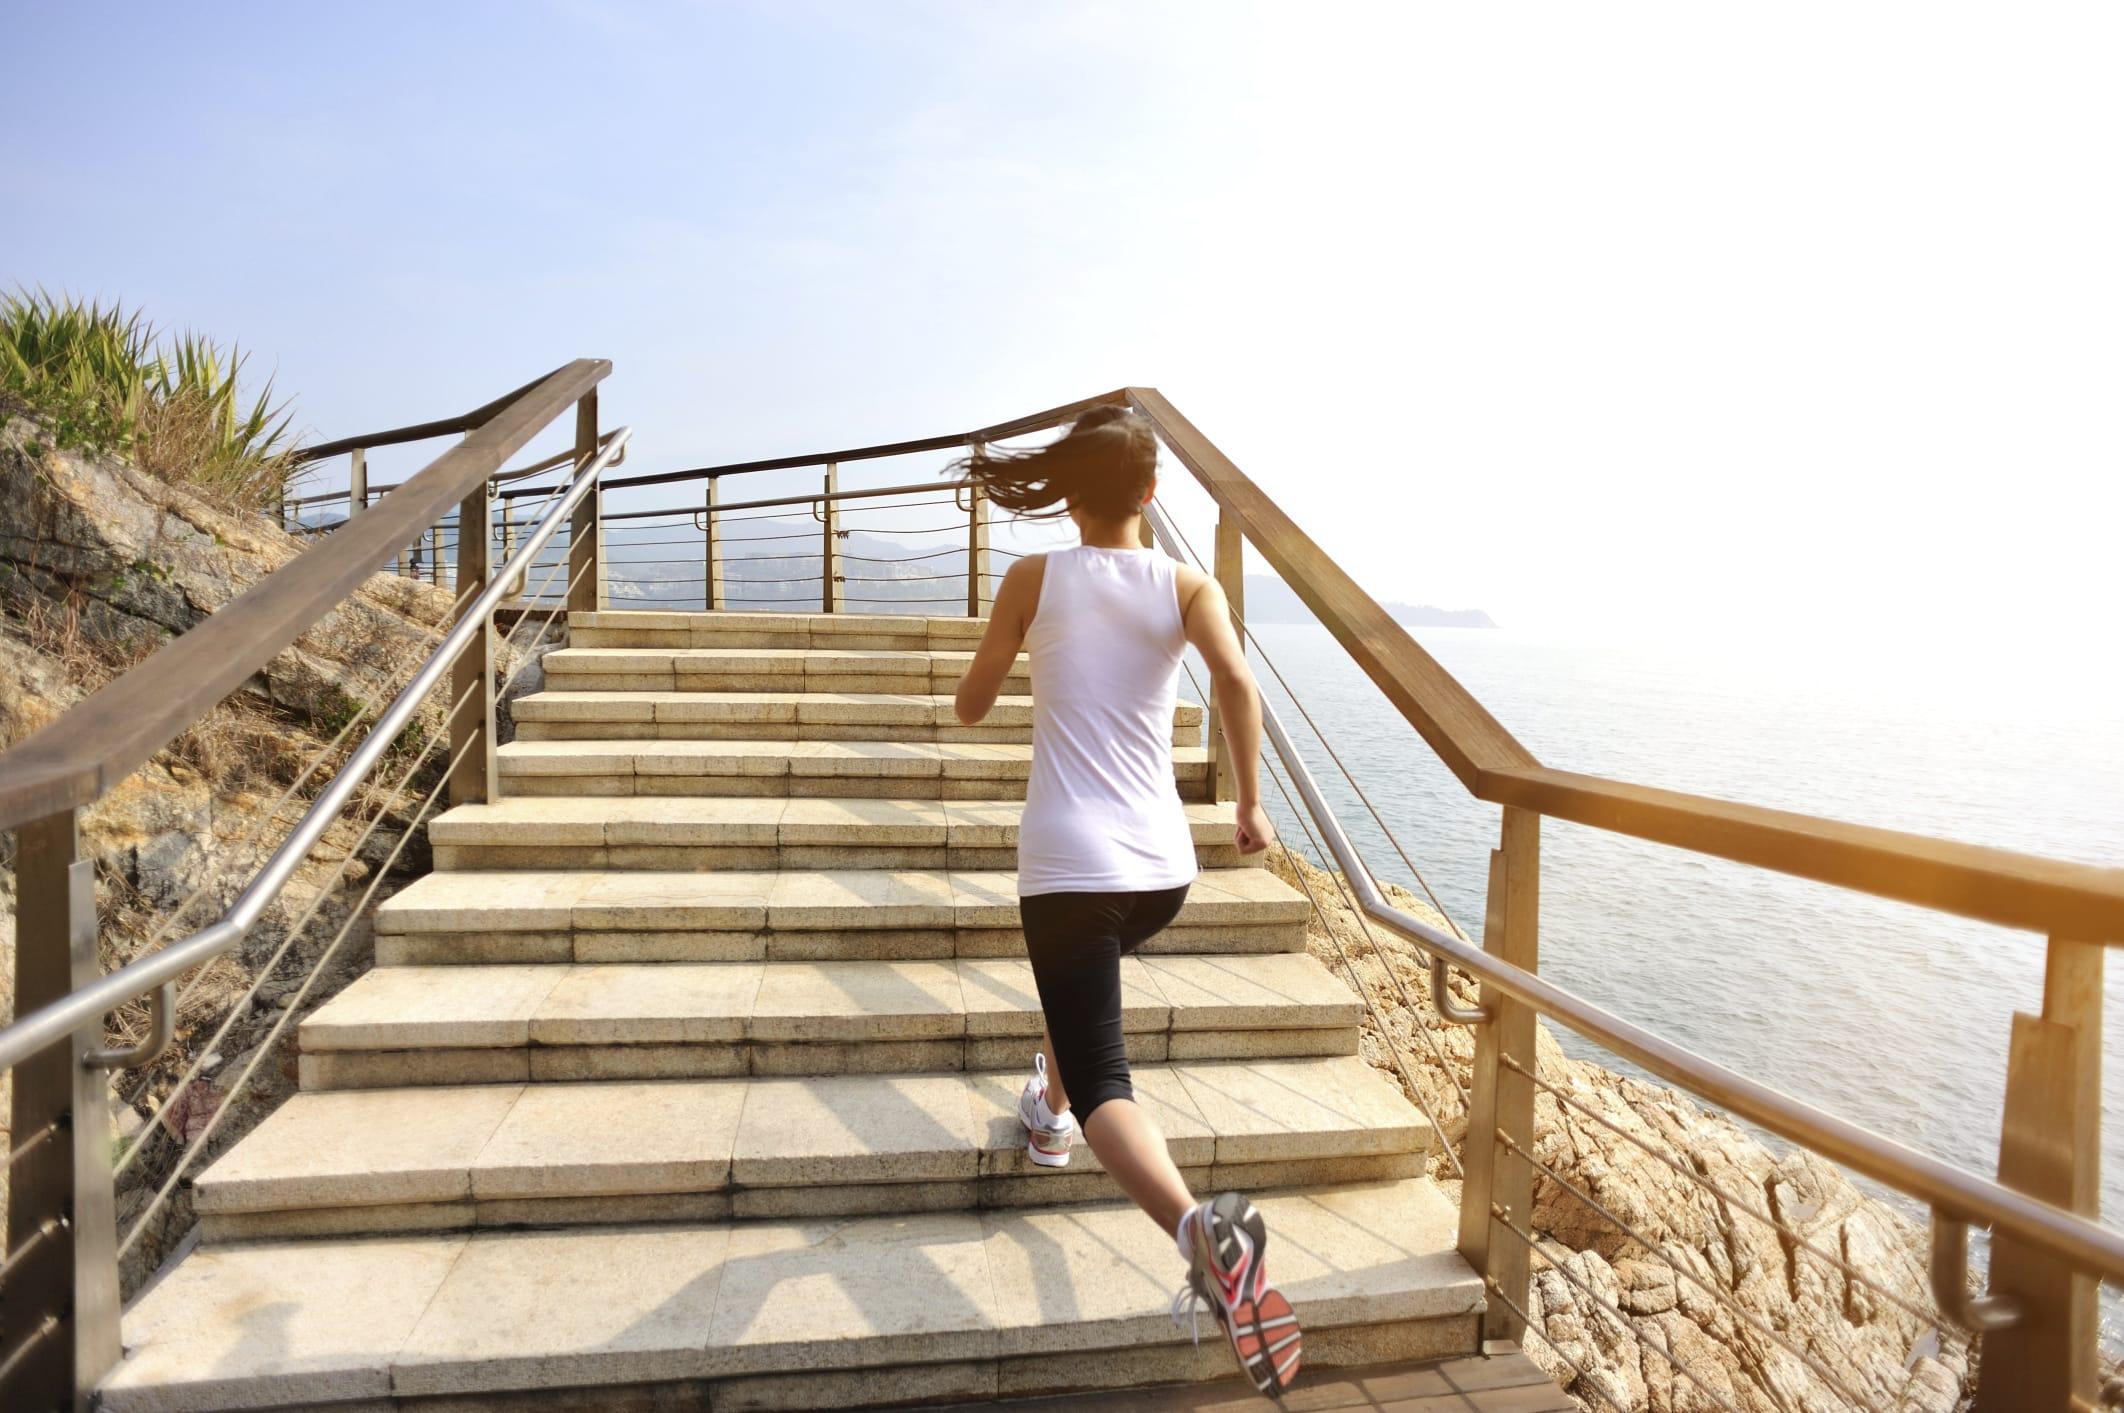 benefici scale a piedi